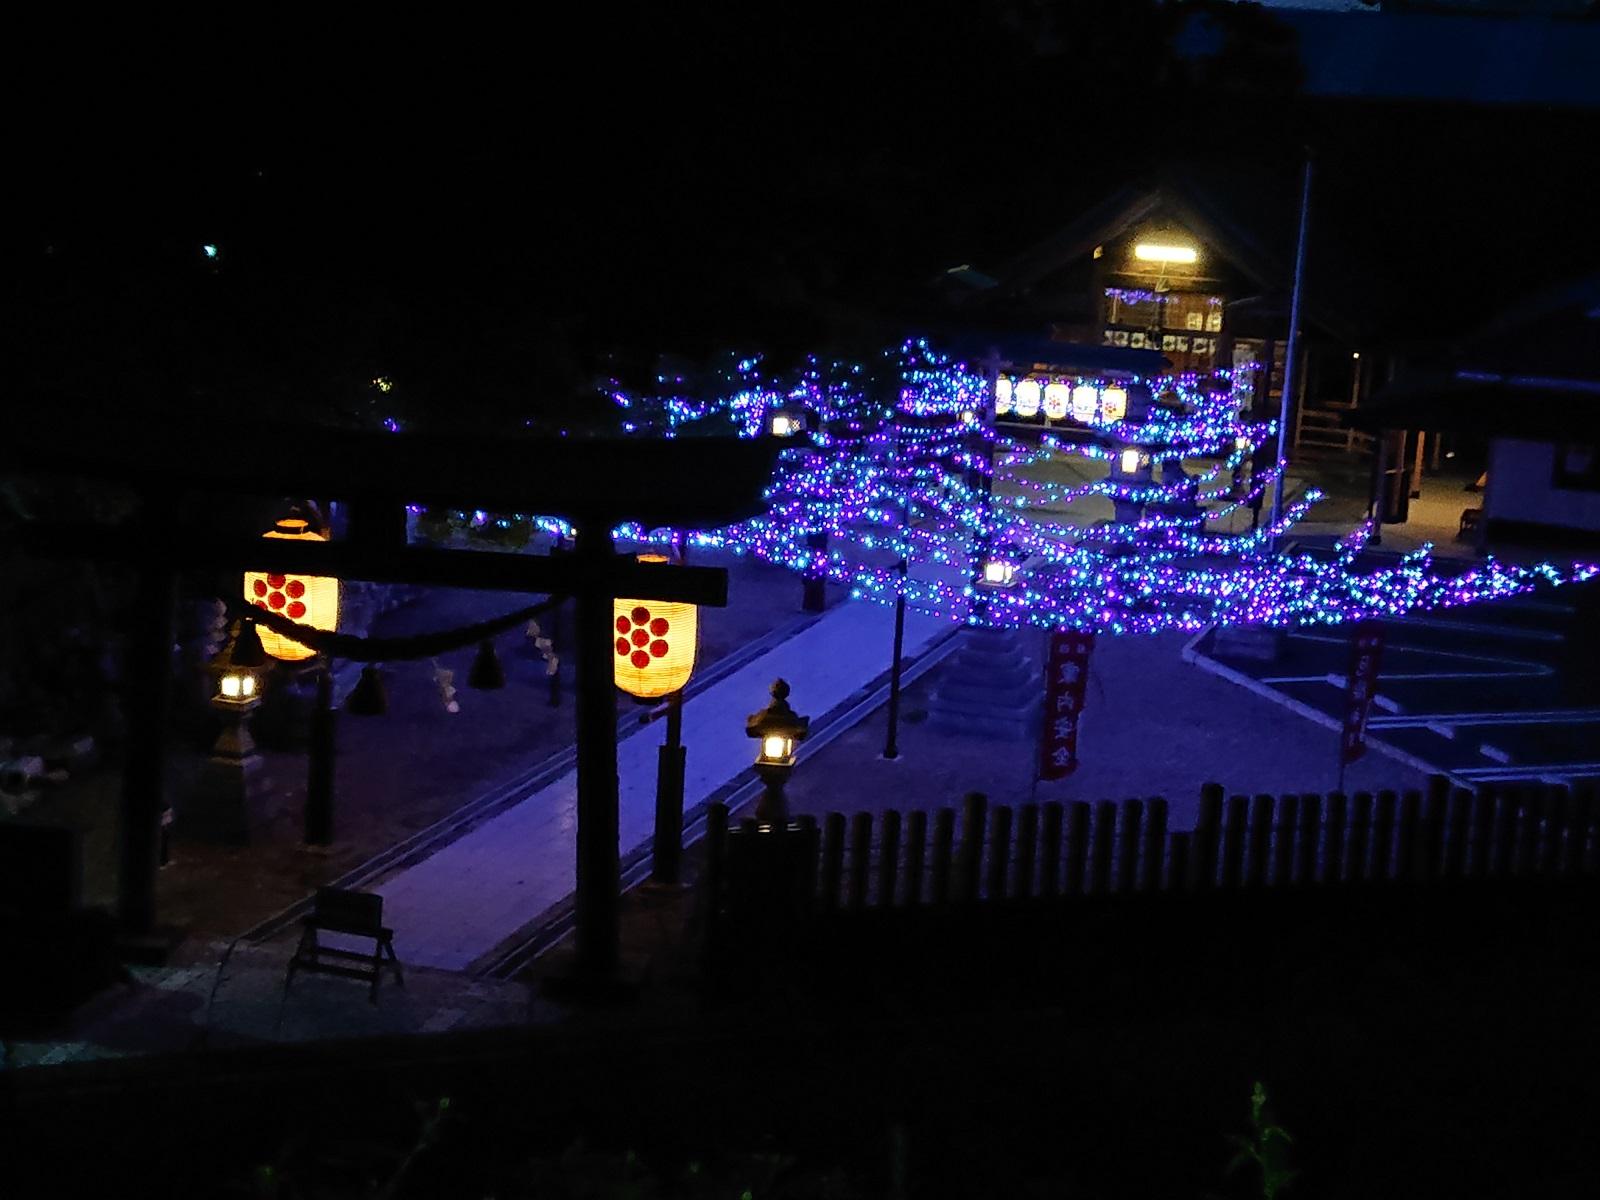 星神社様七夕祭りLED装飾